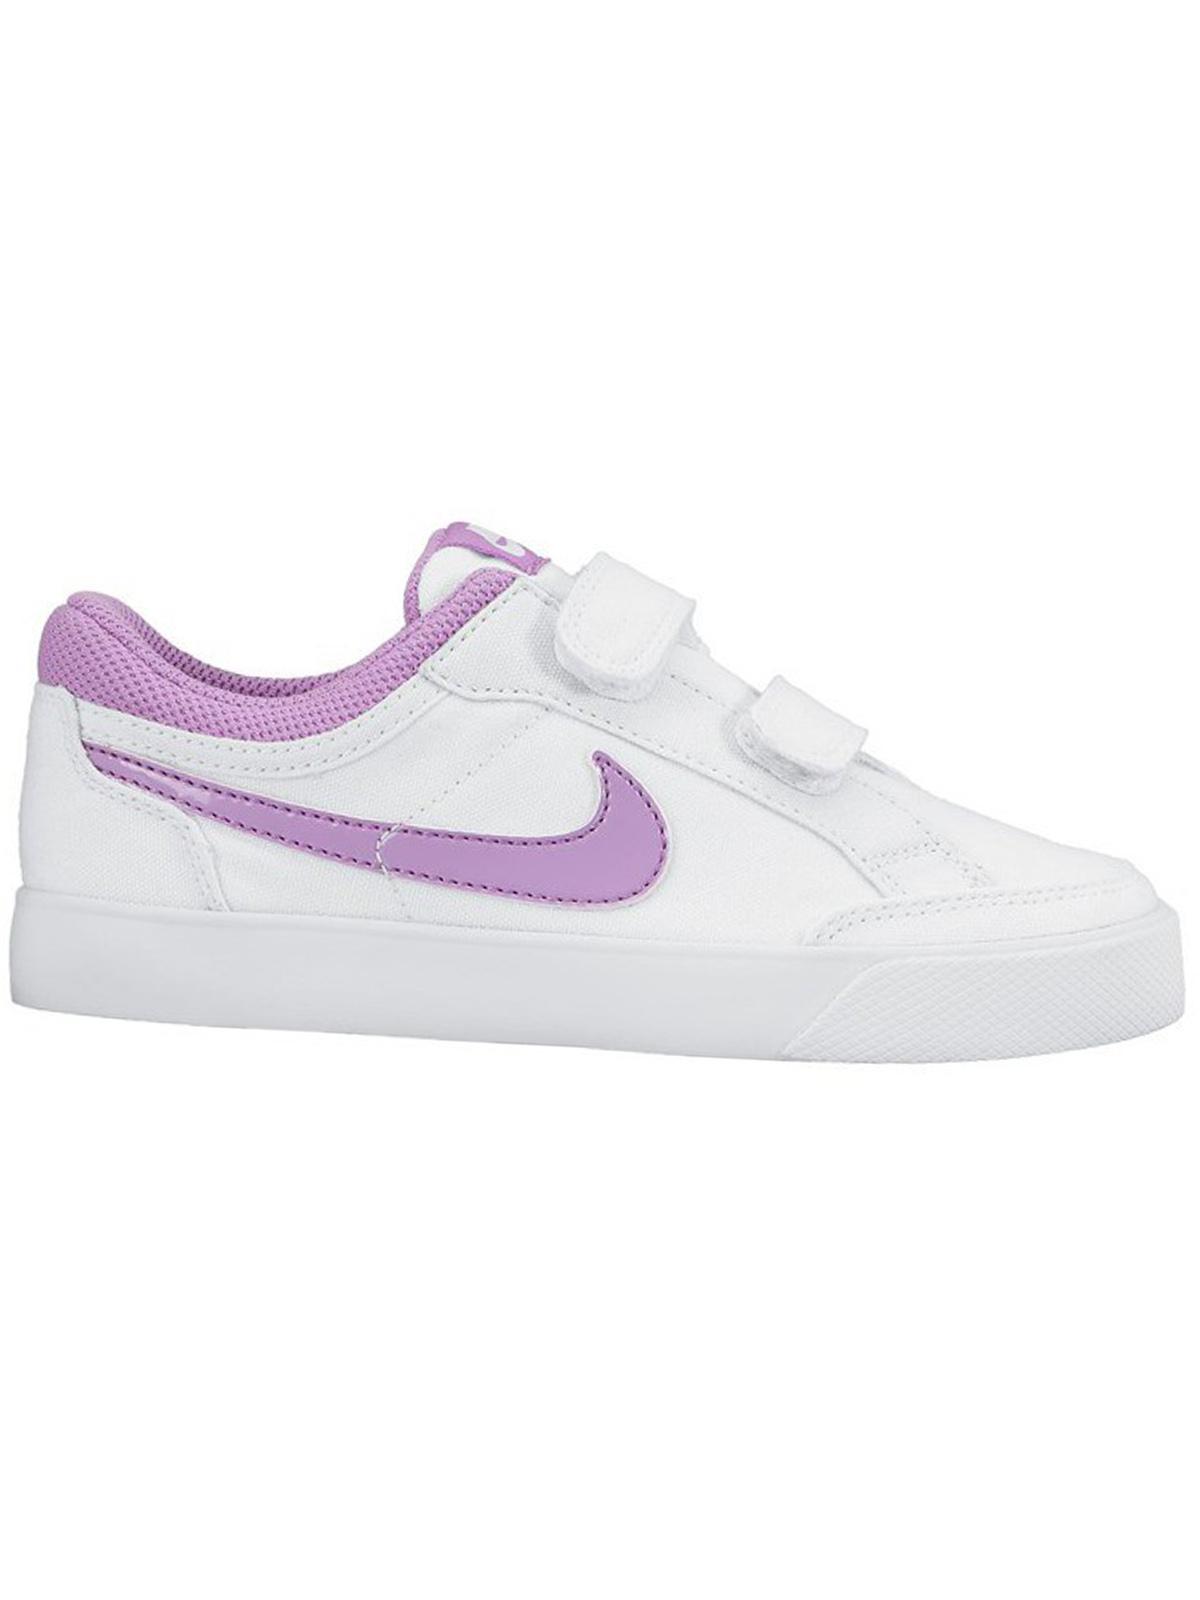 Nike Capri III LTR PSV 579952 105